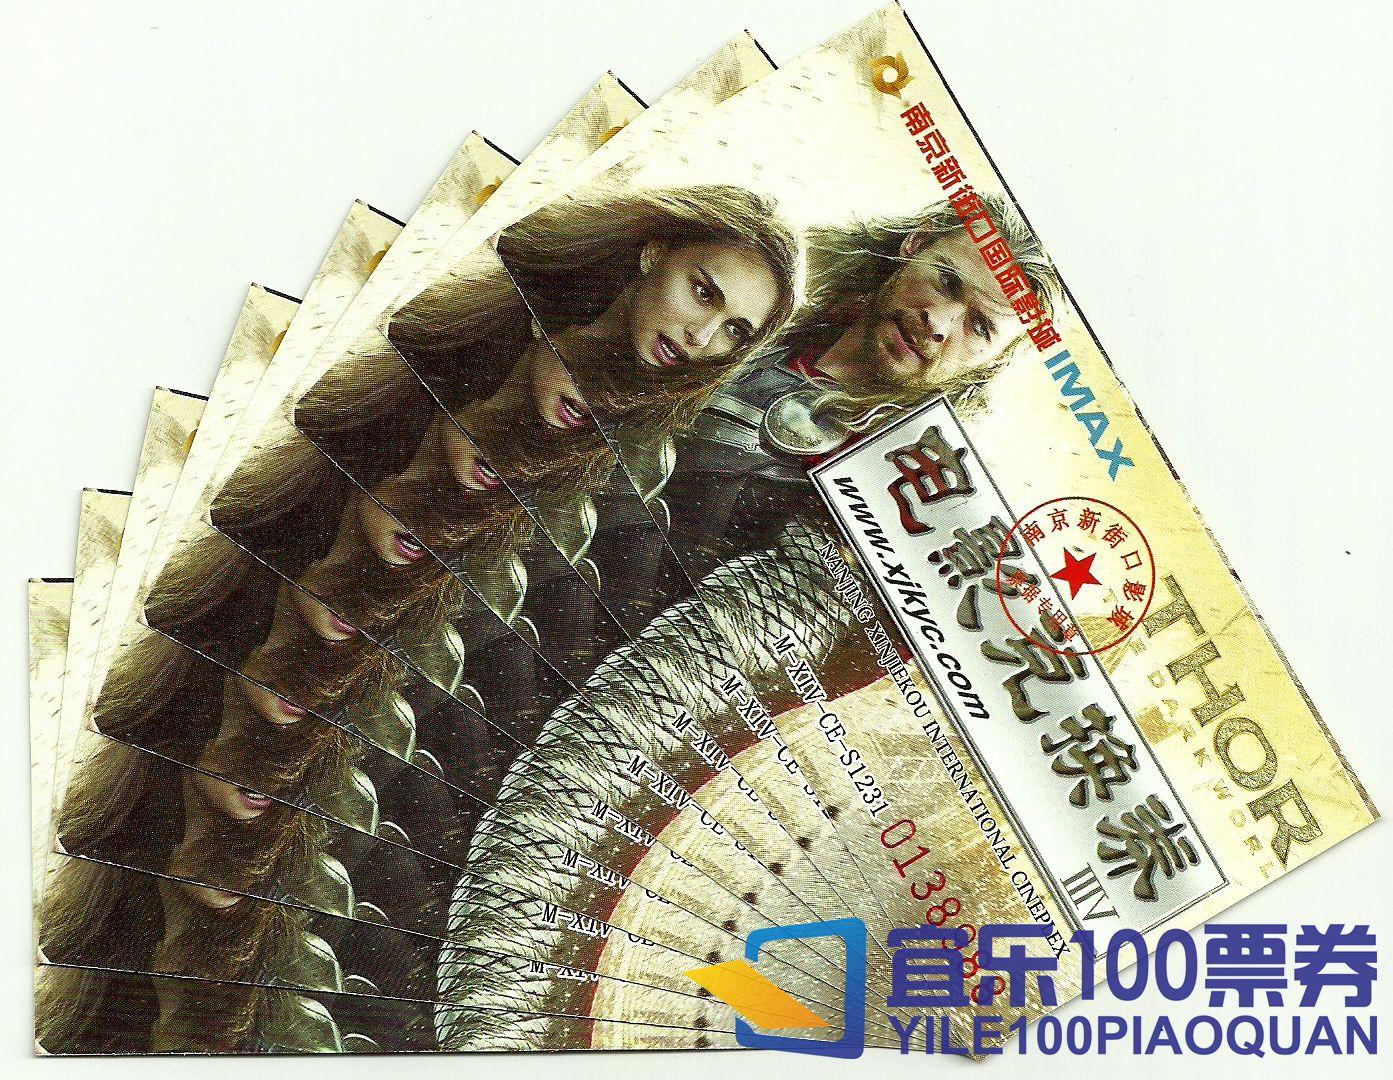 【宜乐100】 南京新街口国际影城 德基 无敌券